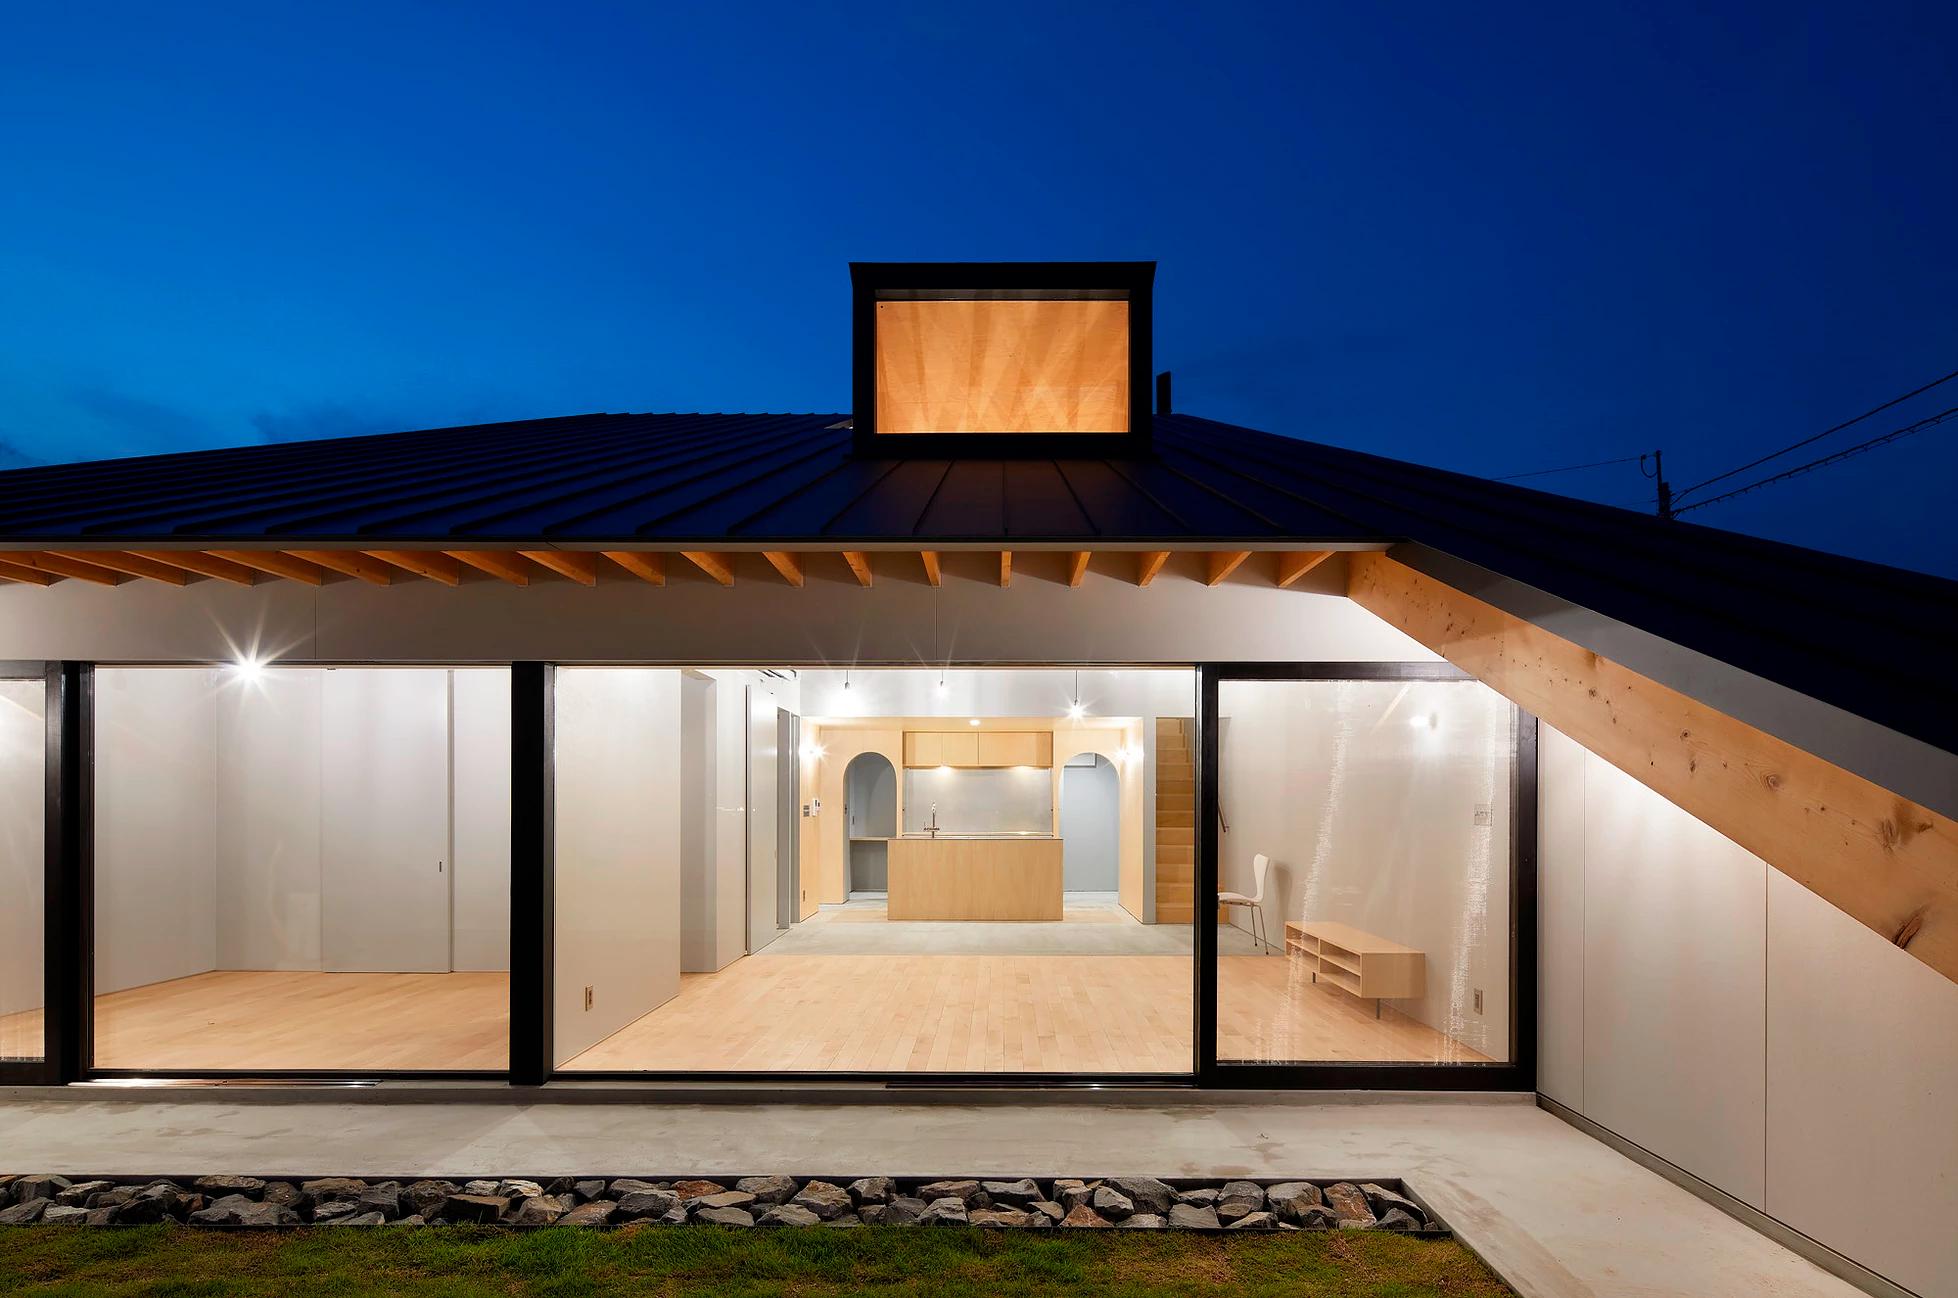 House by Kenta Eto Architects in Usuki, Japan